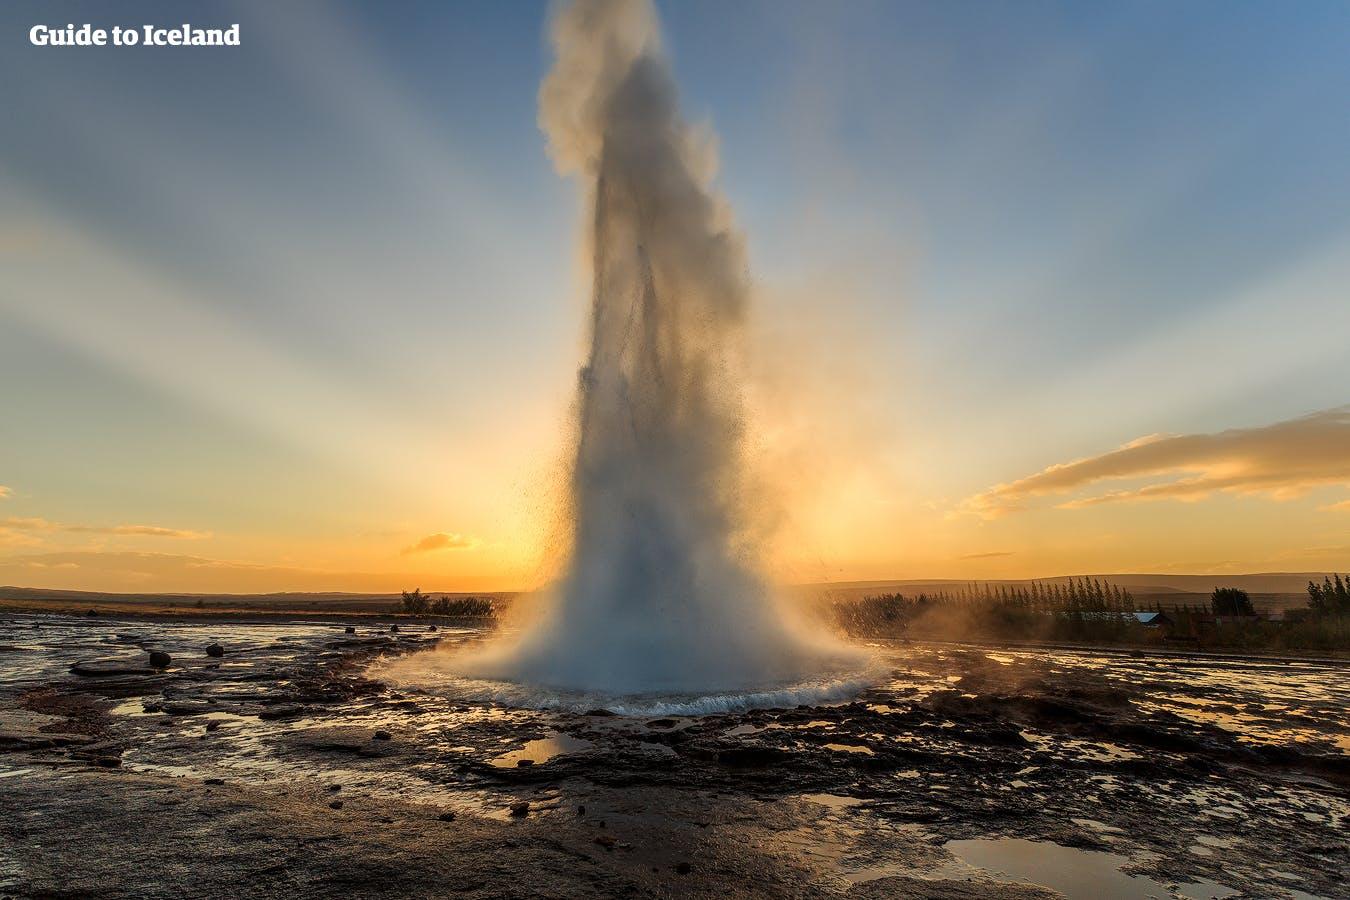 ホイカダルル渓谷に位置するストロックル間欠泉はゴールデンサークルの人気スポットの一つ